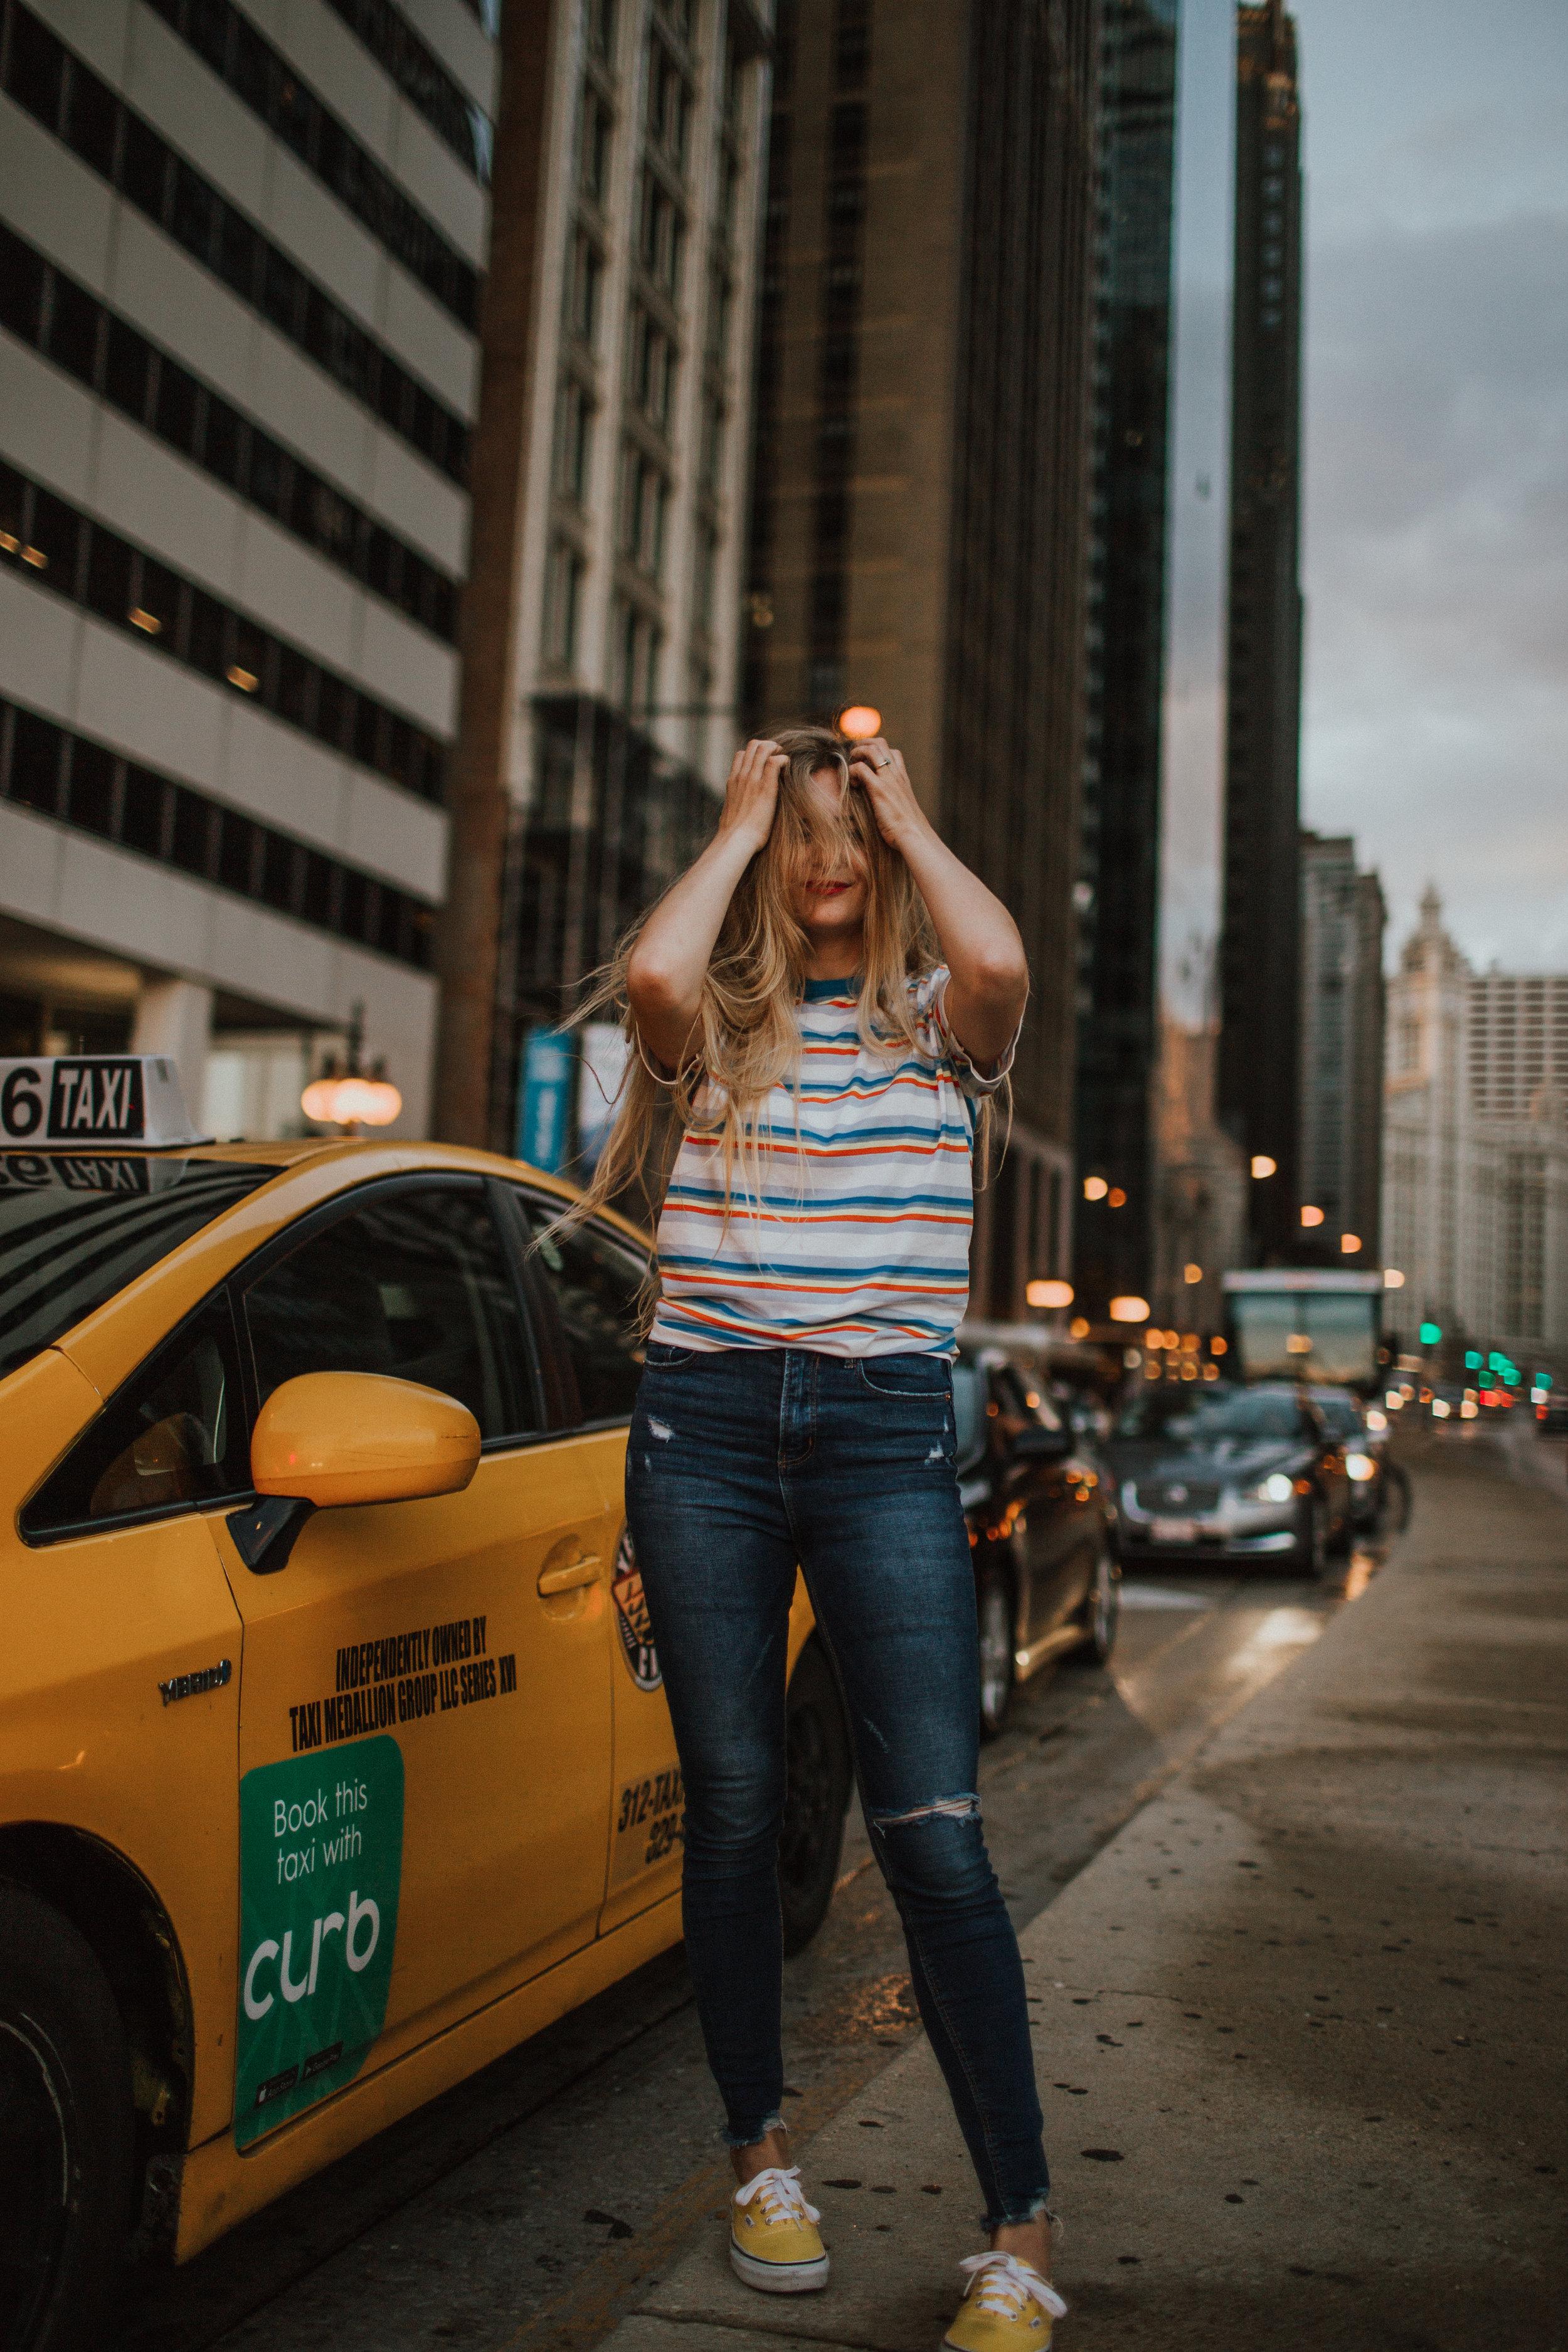 Taxi-9.jpg